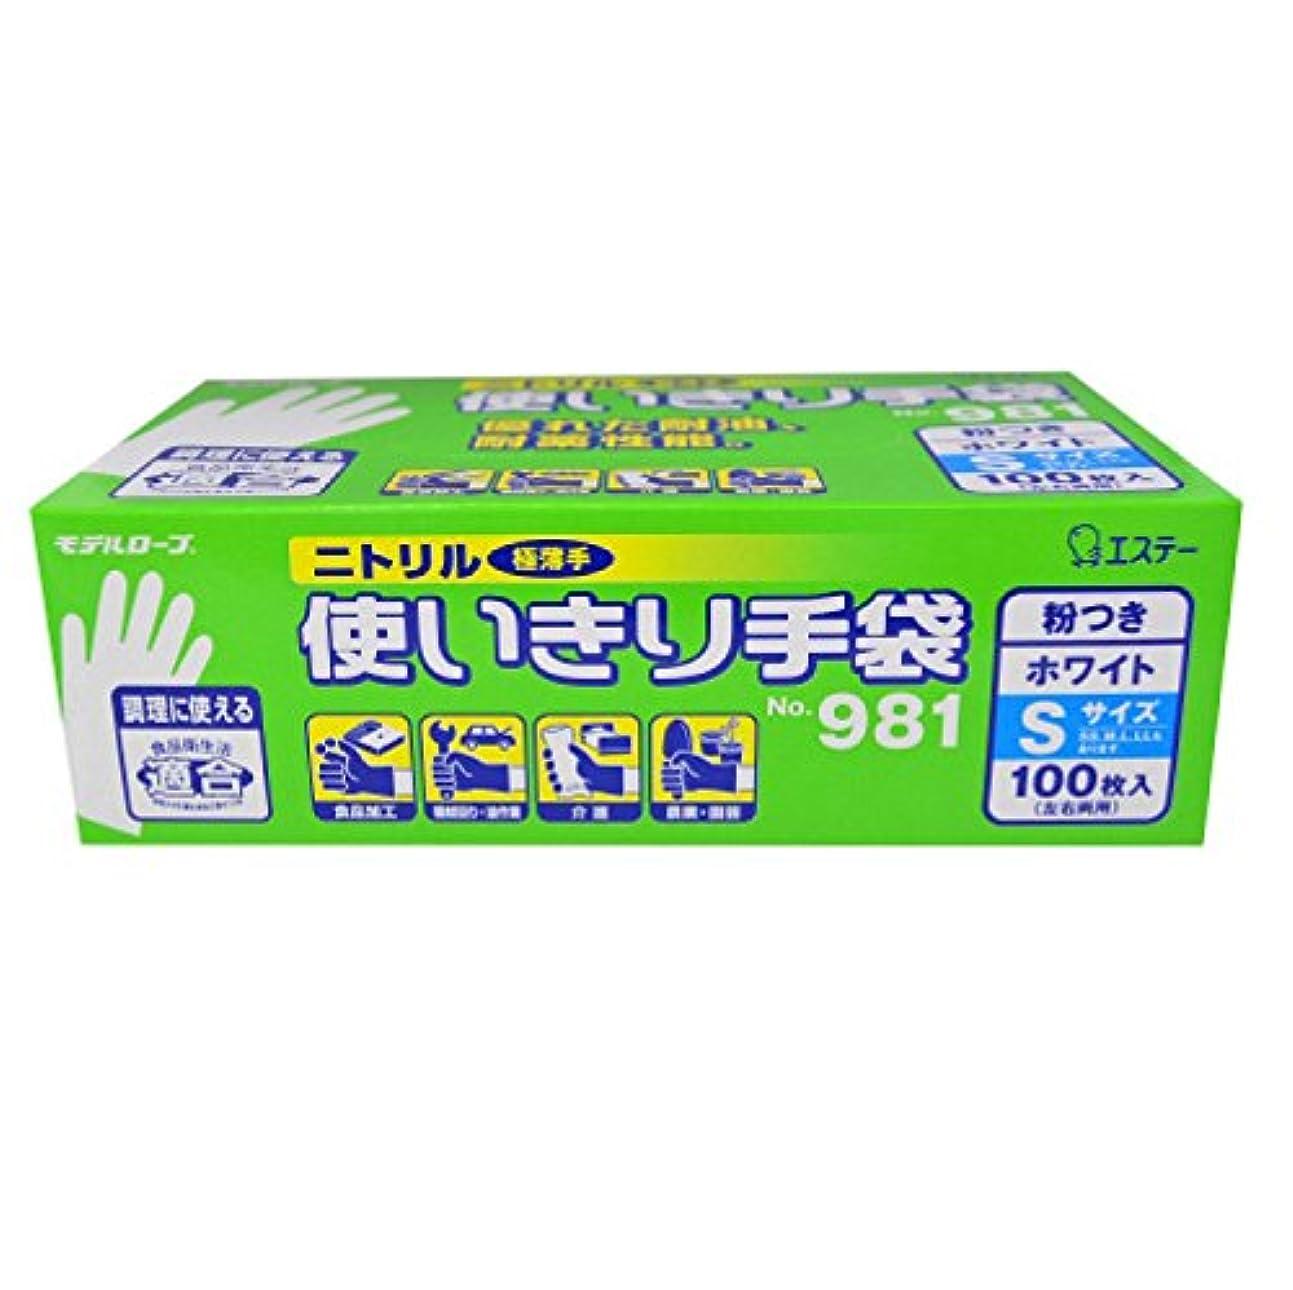 見物人素敵なラボエステー/ニトリル使いきり手袋 箱入 (粉つき) [100枚入]/品番:981 サイズ:SS カラー:ブルー